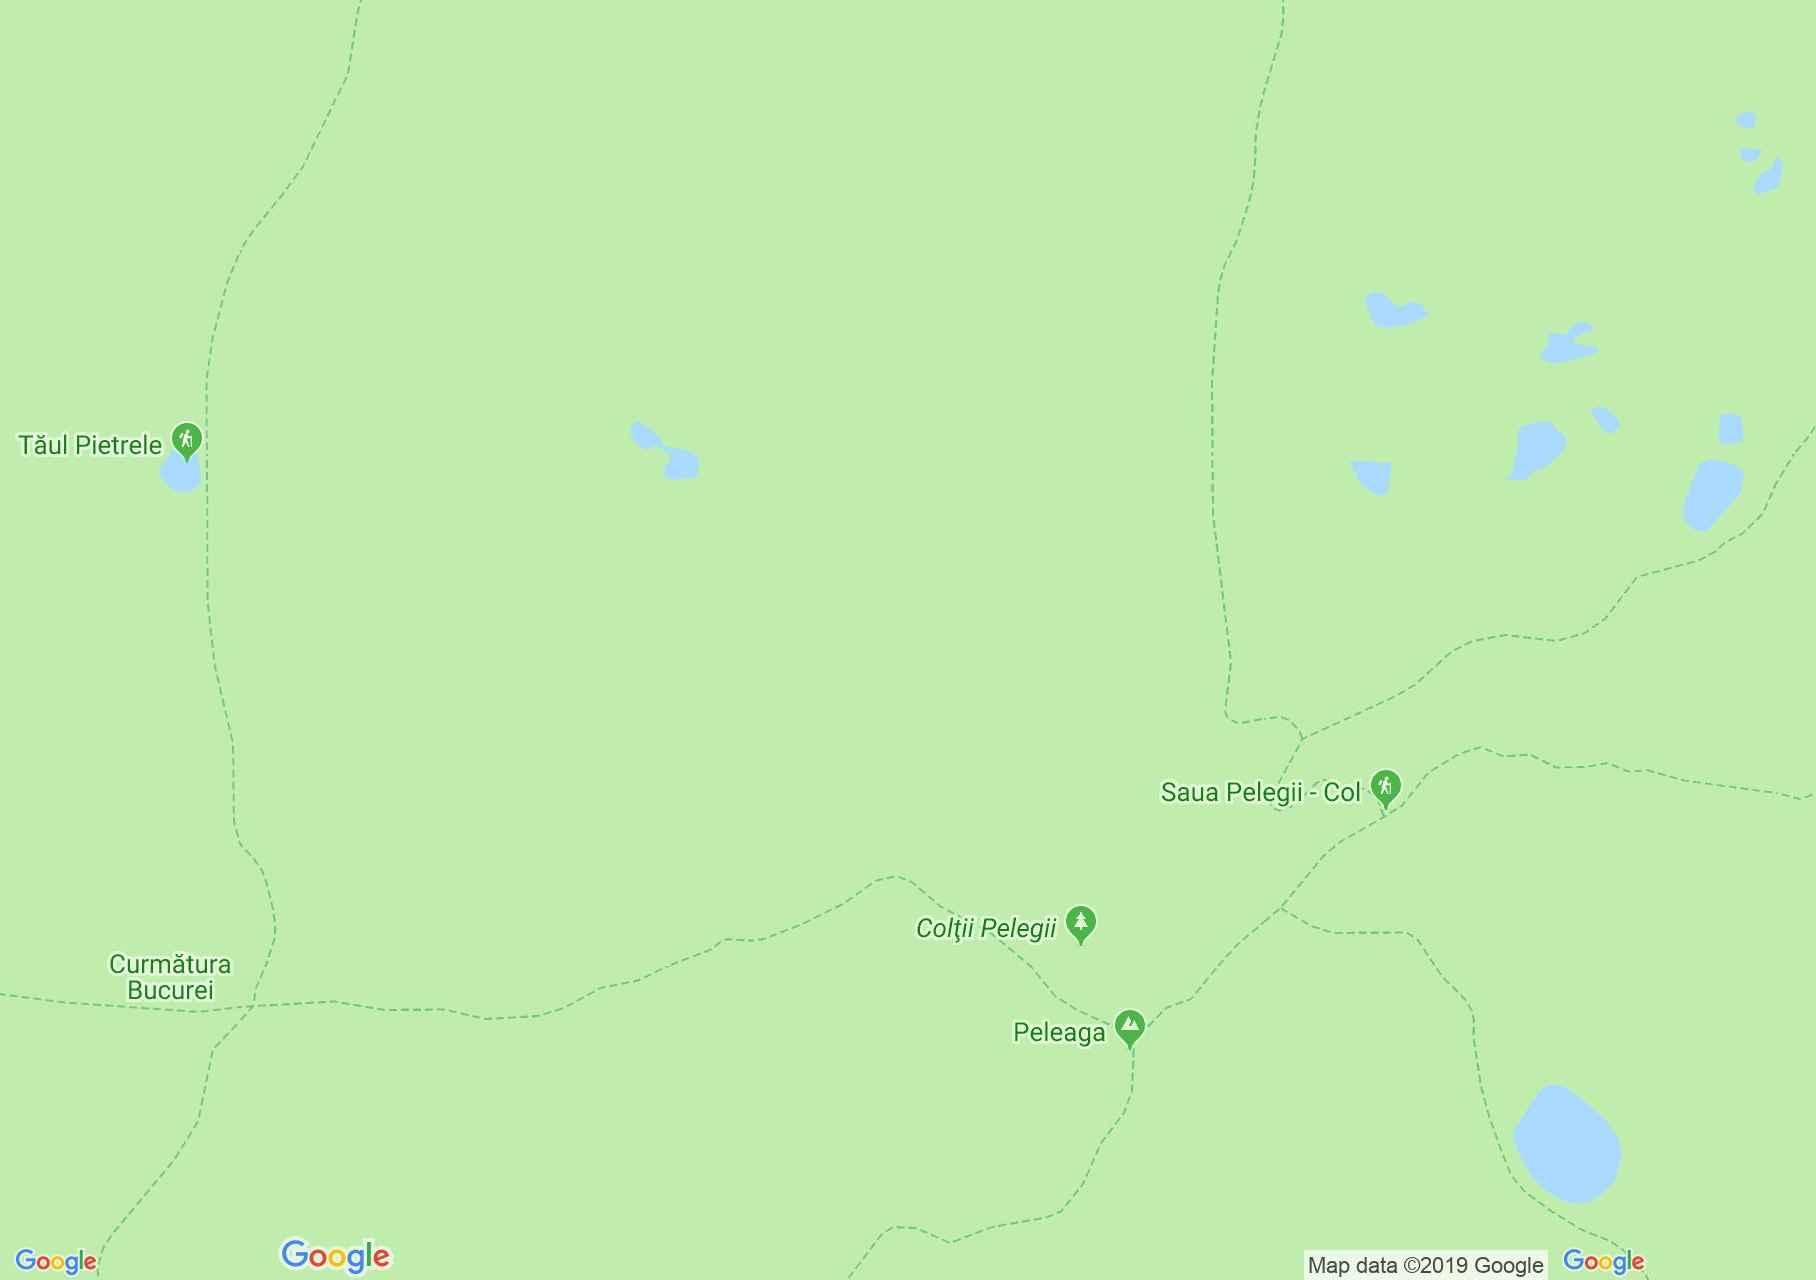 Map of Retezat mountains: Retezat peak - Peleaga saddle